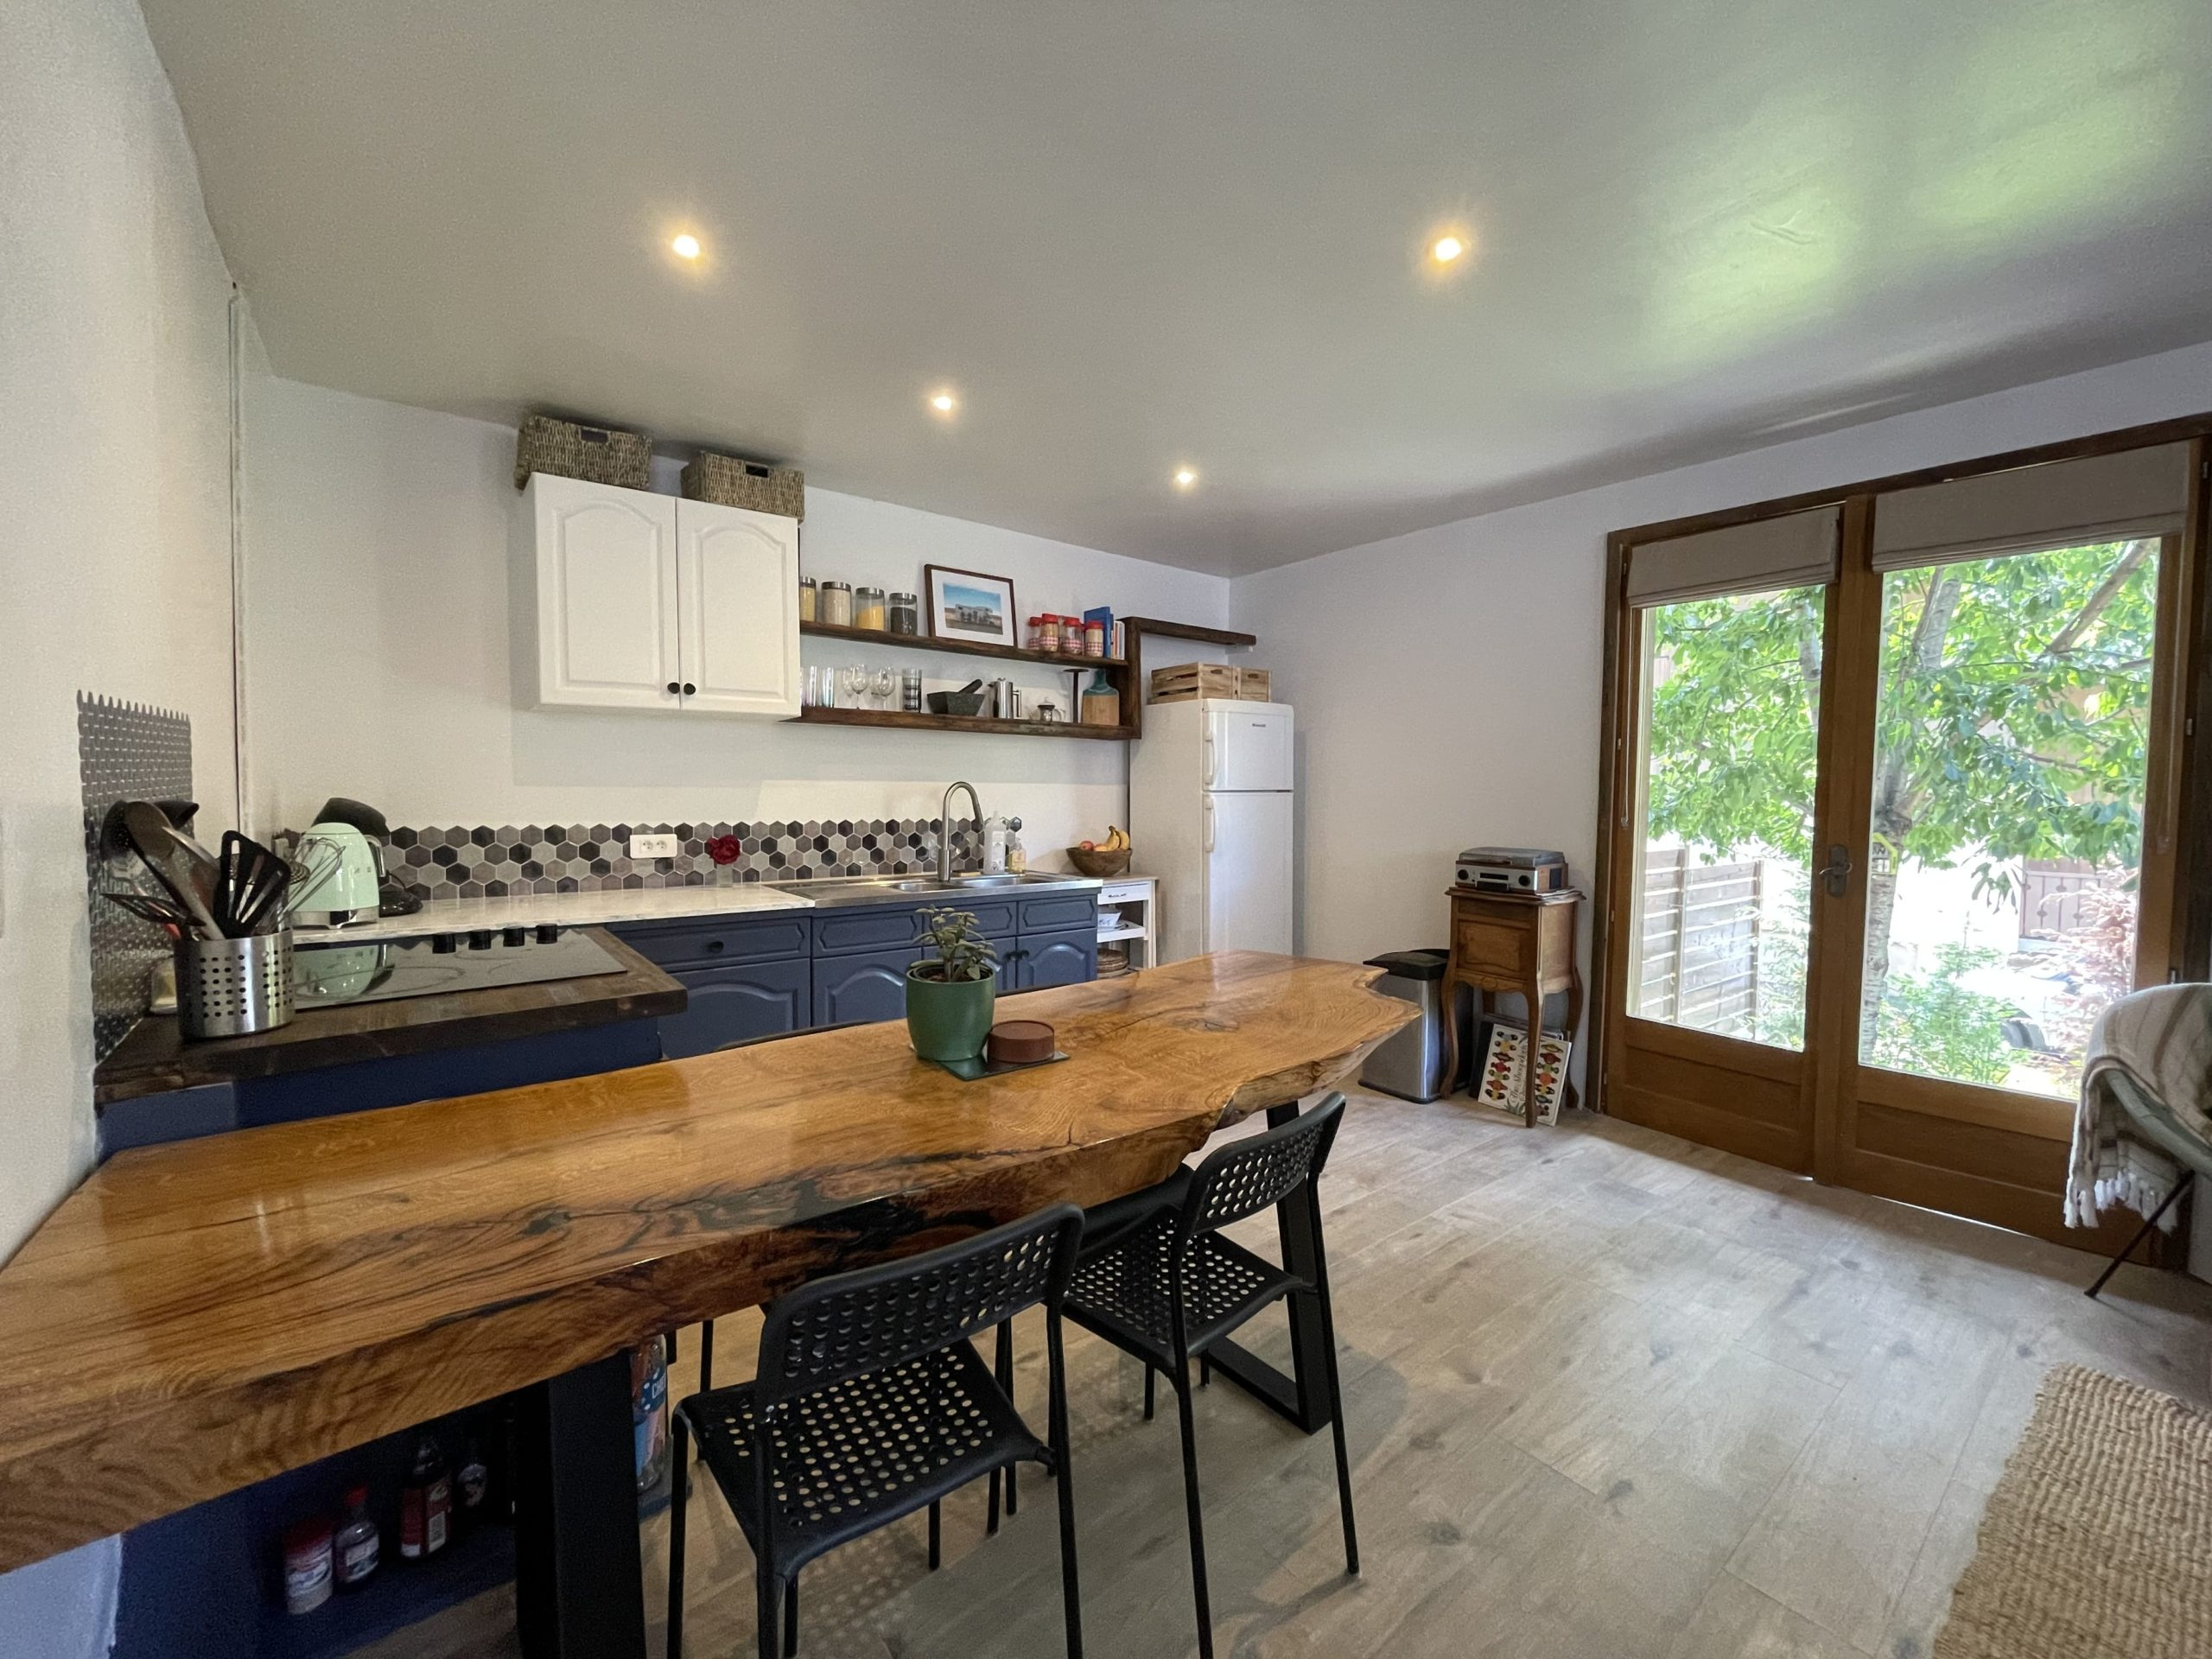 Maison 3 pièces 90 m² avec jardin